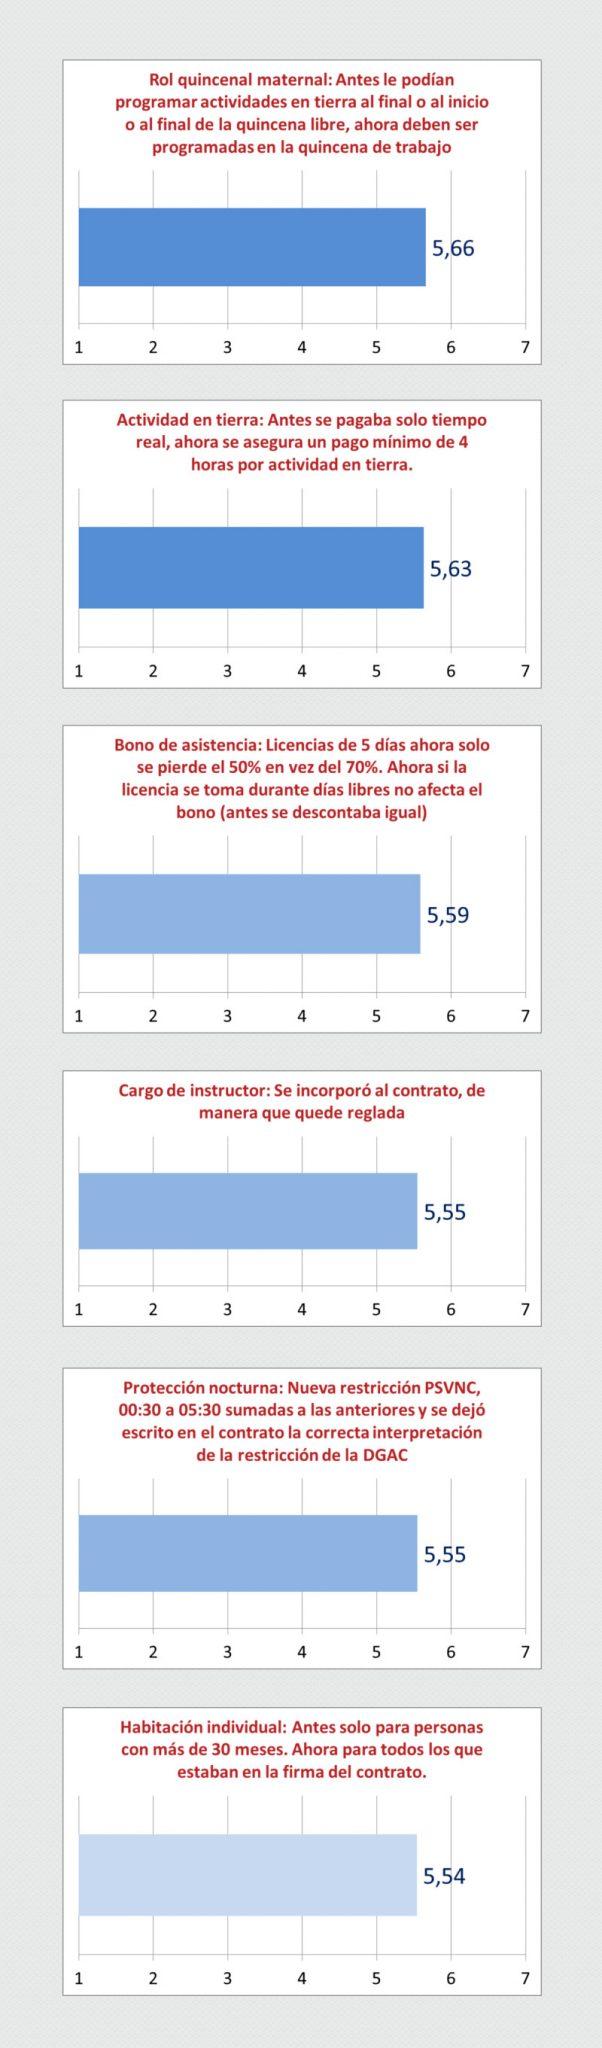 infografia_04b